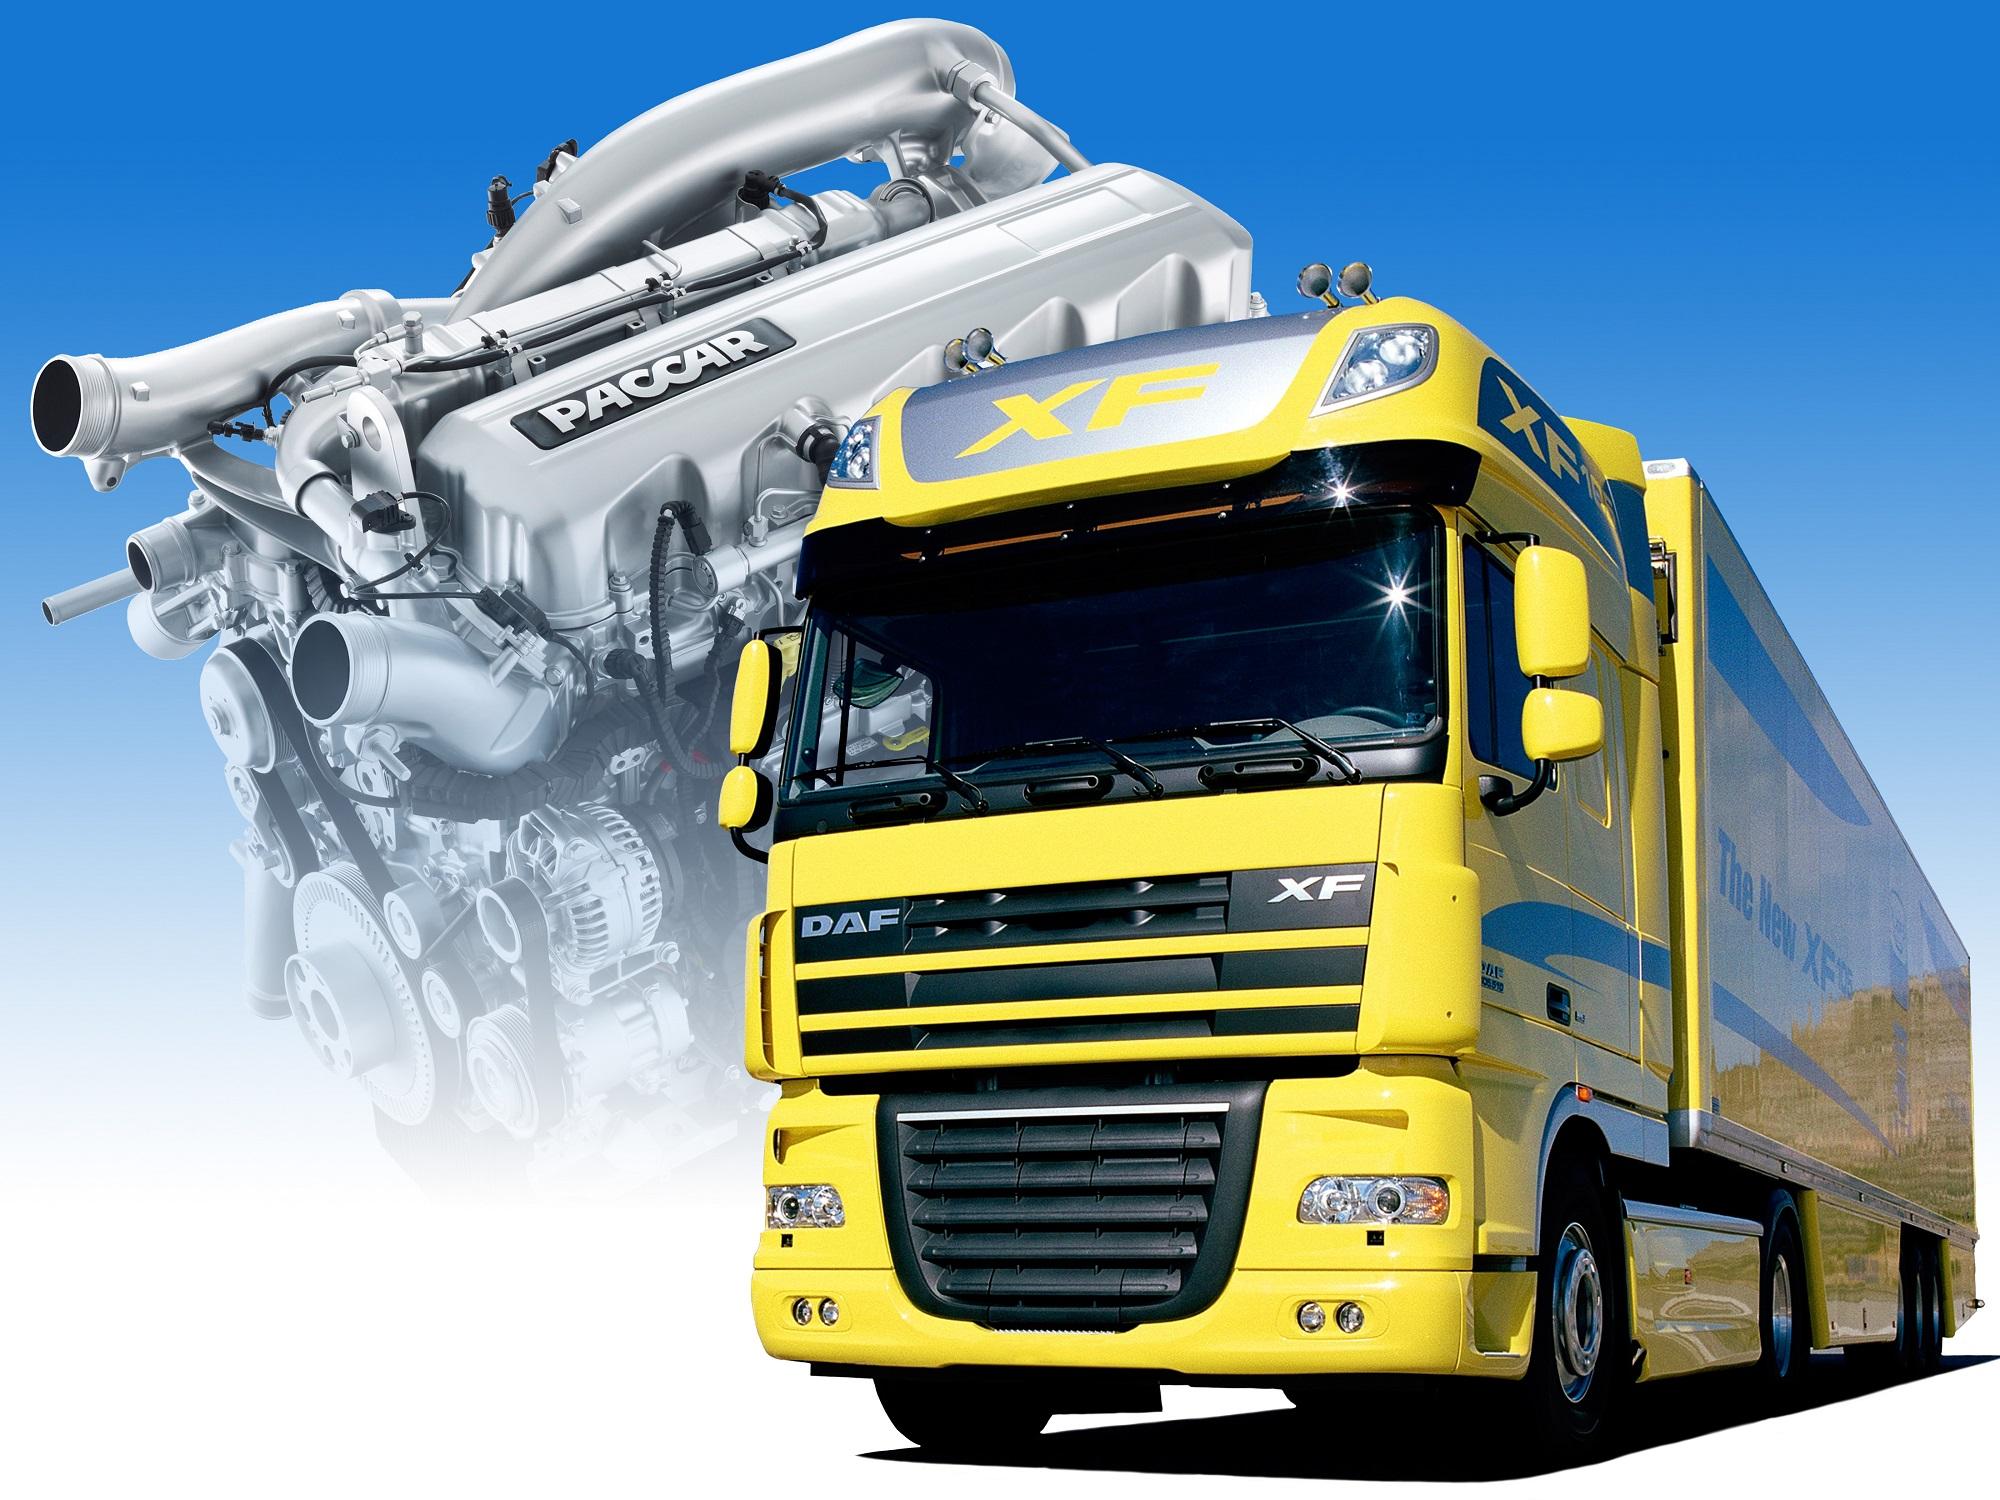 герб детали грузовой машины картинка высокое